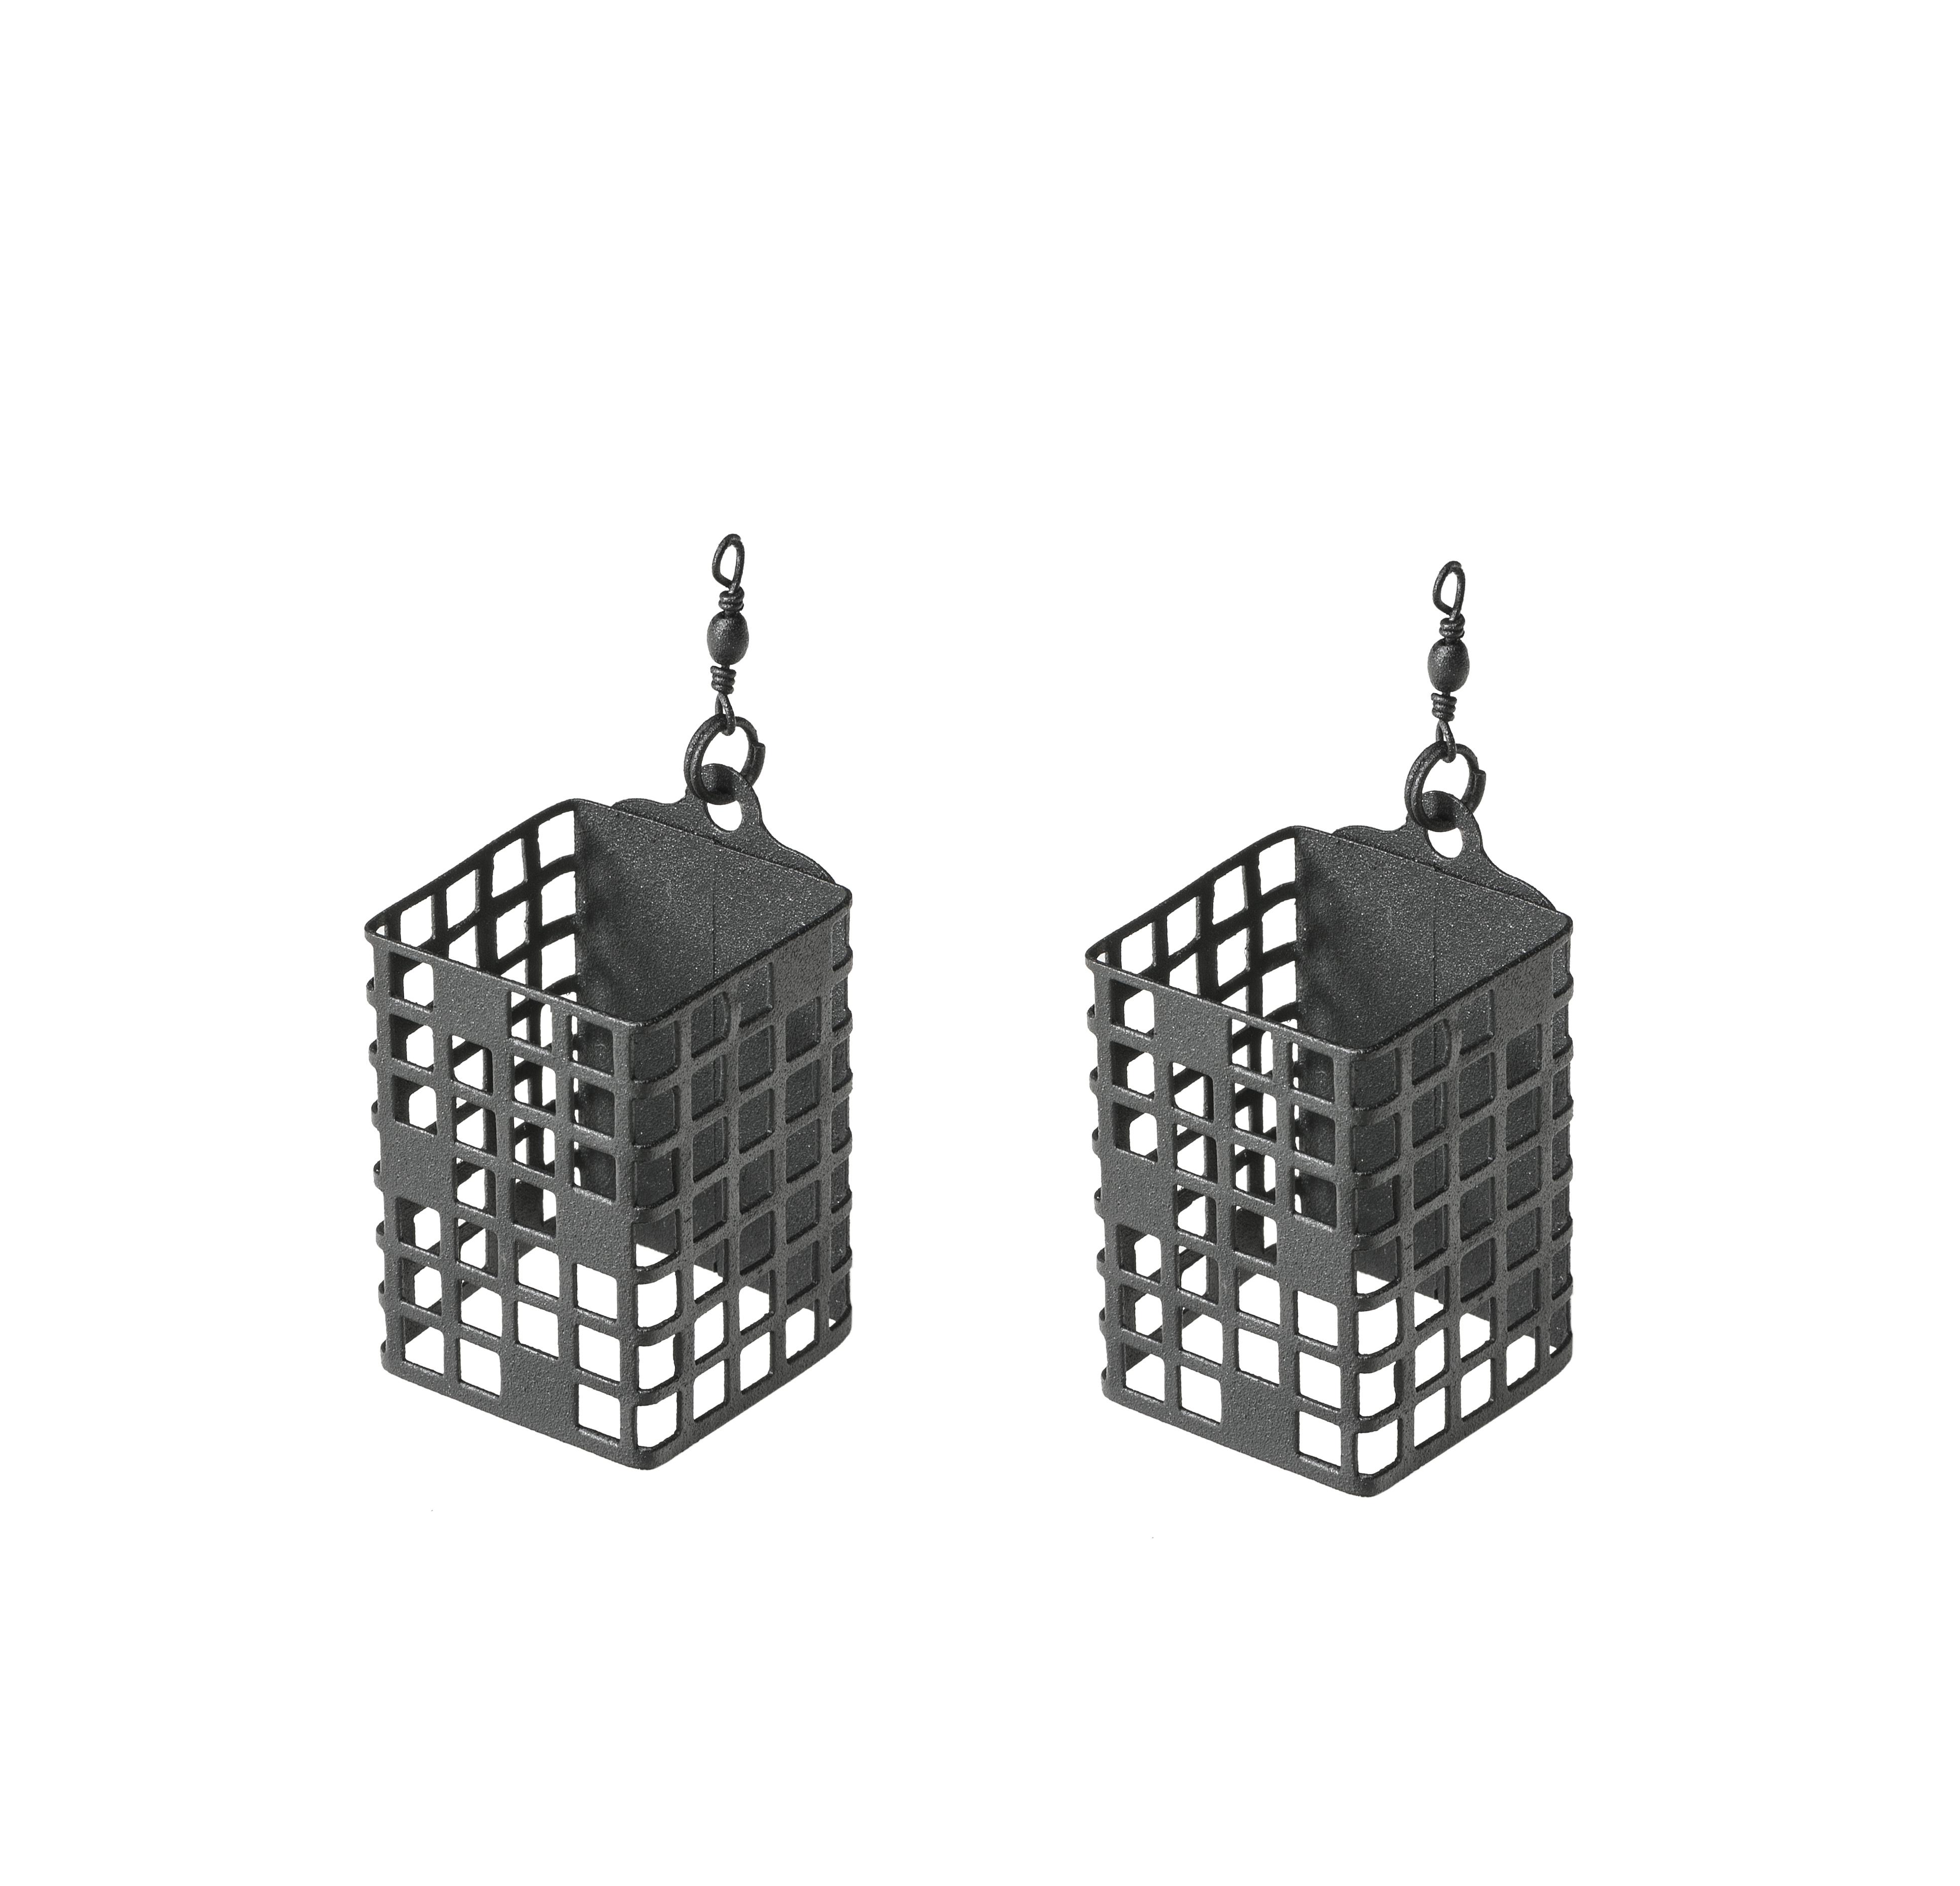 Feederové krmítko Premium Square 10gr (2ks)